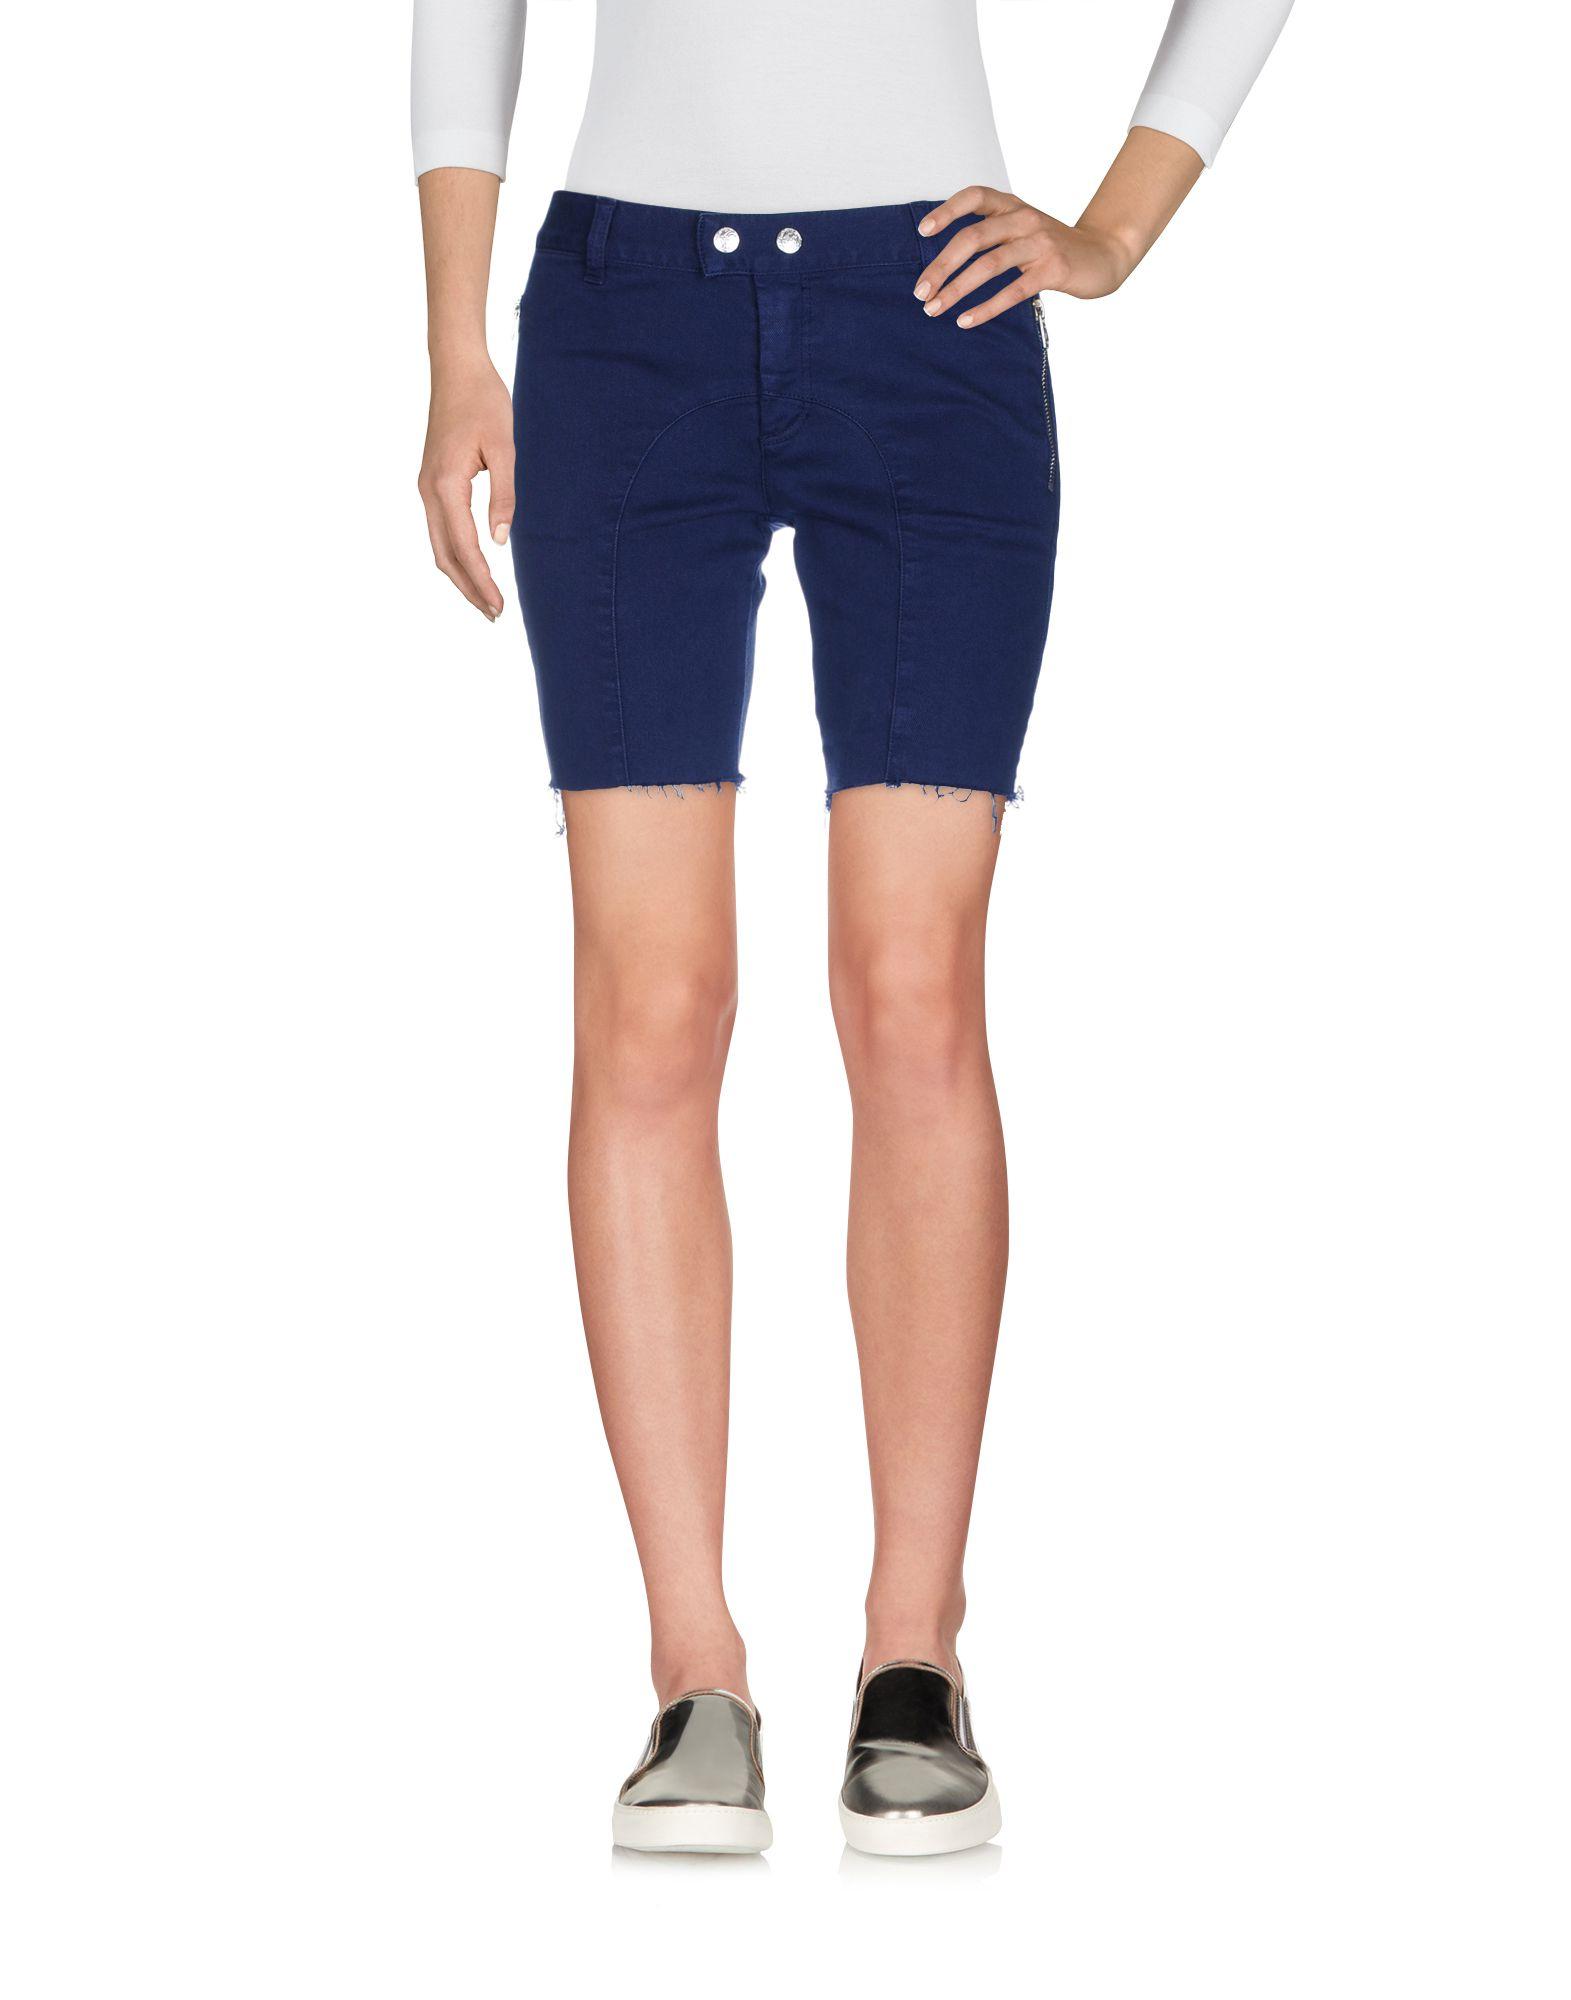 Shorts Jeans Mcq Alexander Mcqueen Donna - Acquista online su W6K4sW1G